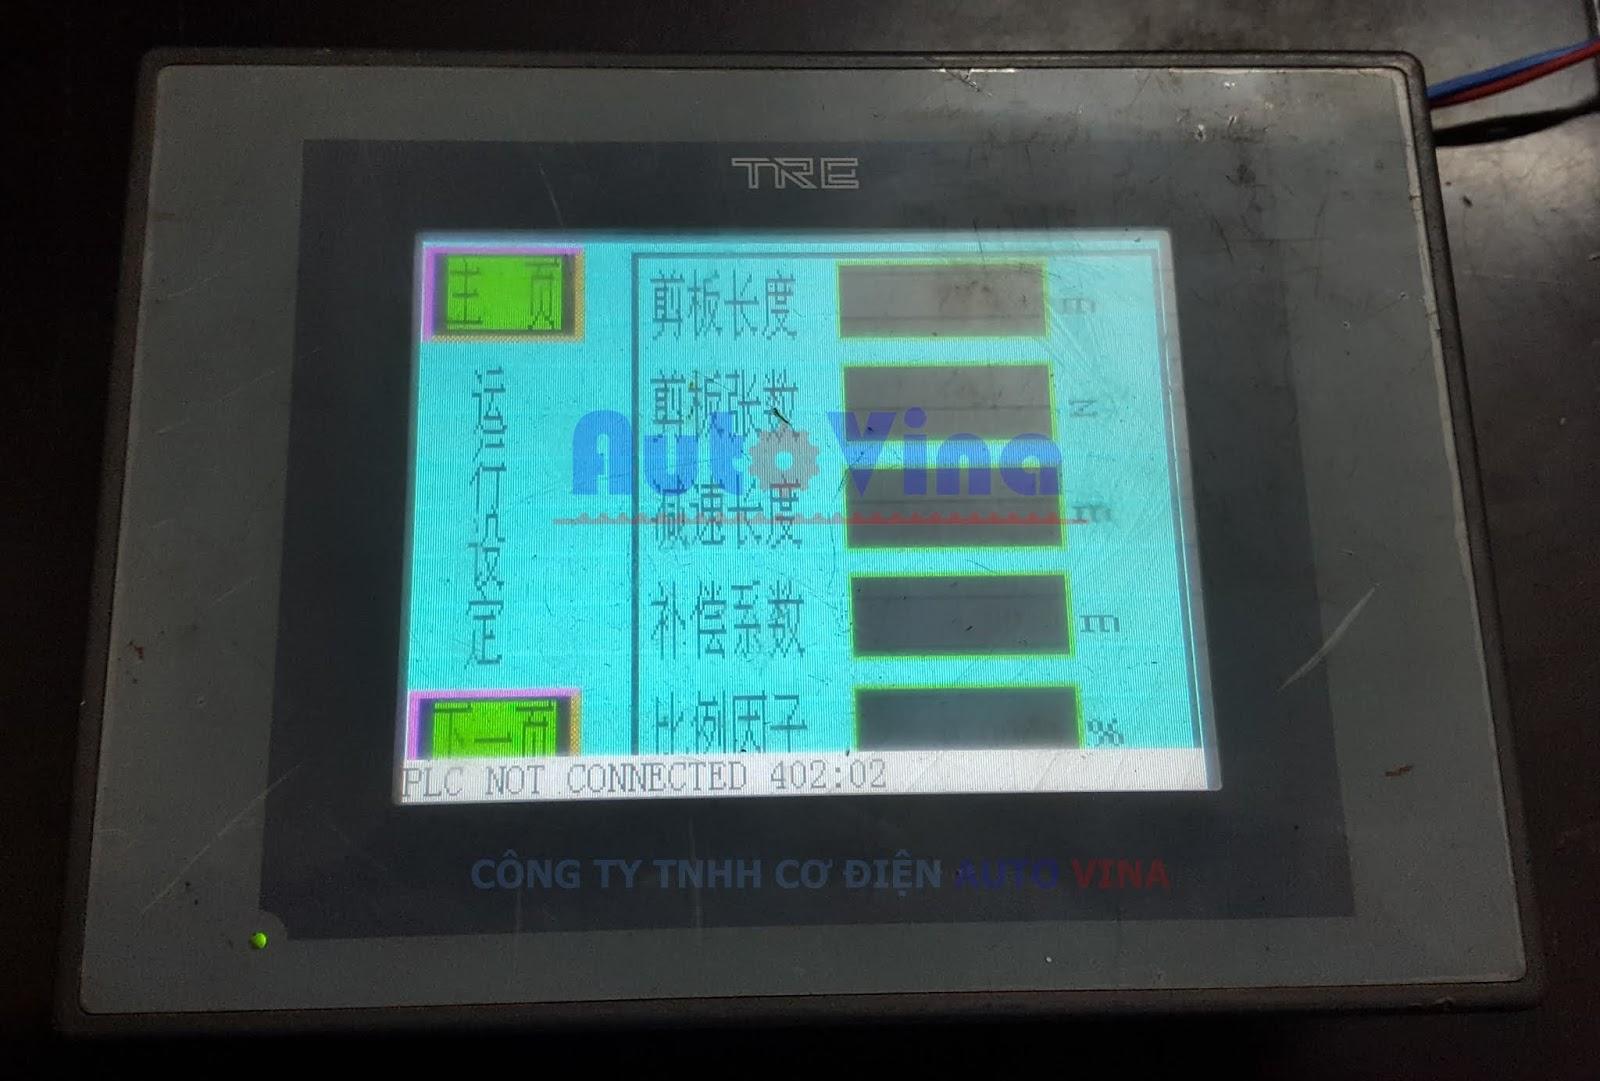 Sửa màn hình TP106PT-24V báo lỗi PLC NOT CONNECTED 402